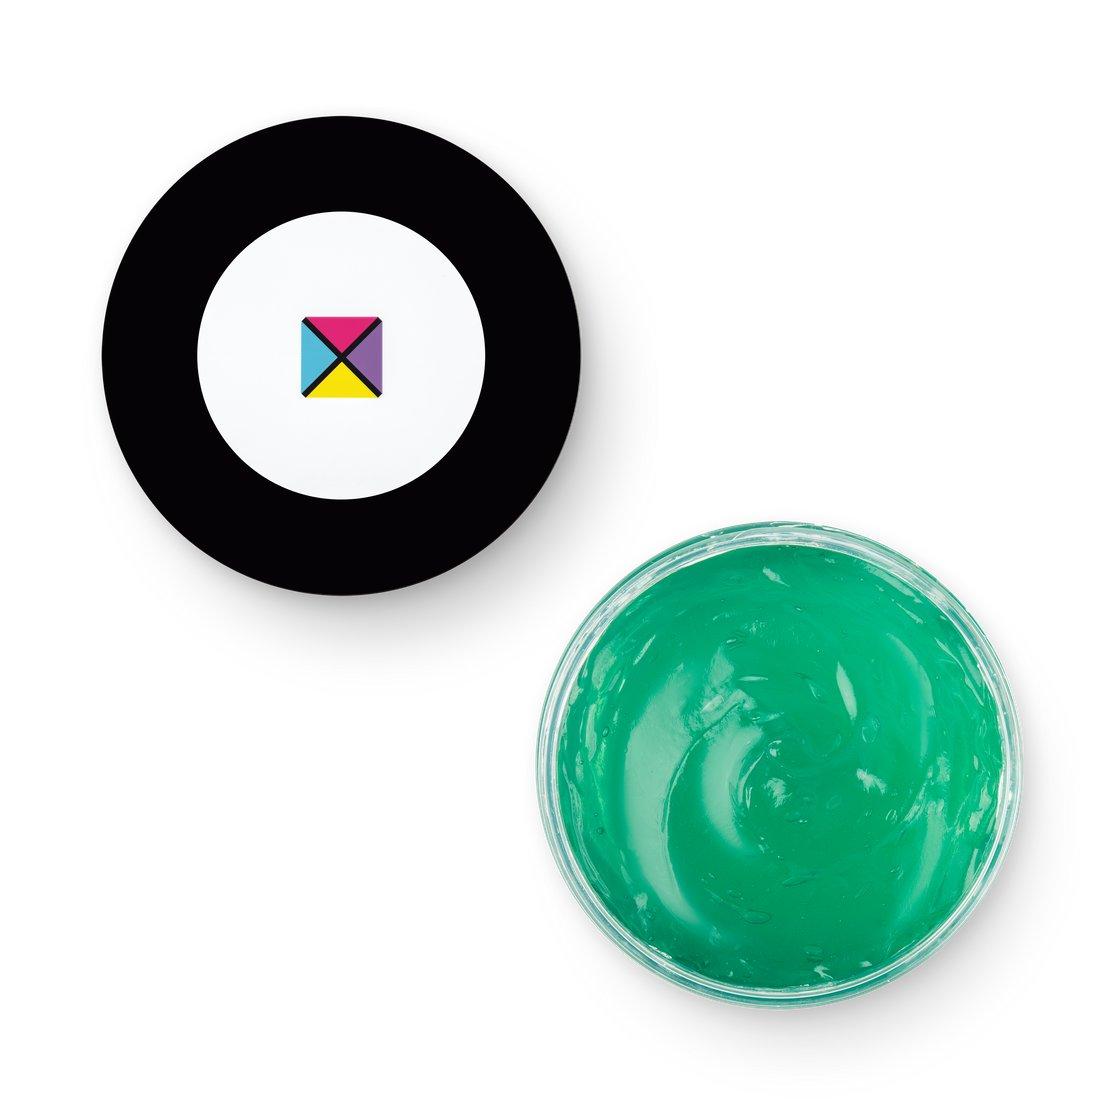 Моделирующий антицеллюлитный гель-контур для тела на основе водорослей, готу колы и каштана для абсолютного тонуса кожи Touch body gel фото